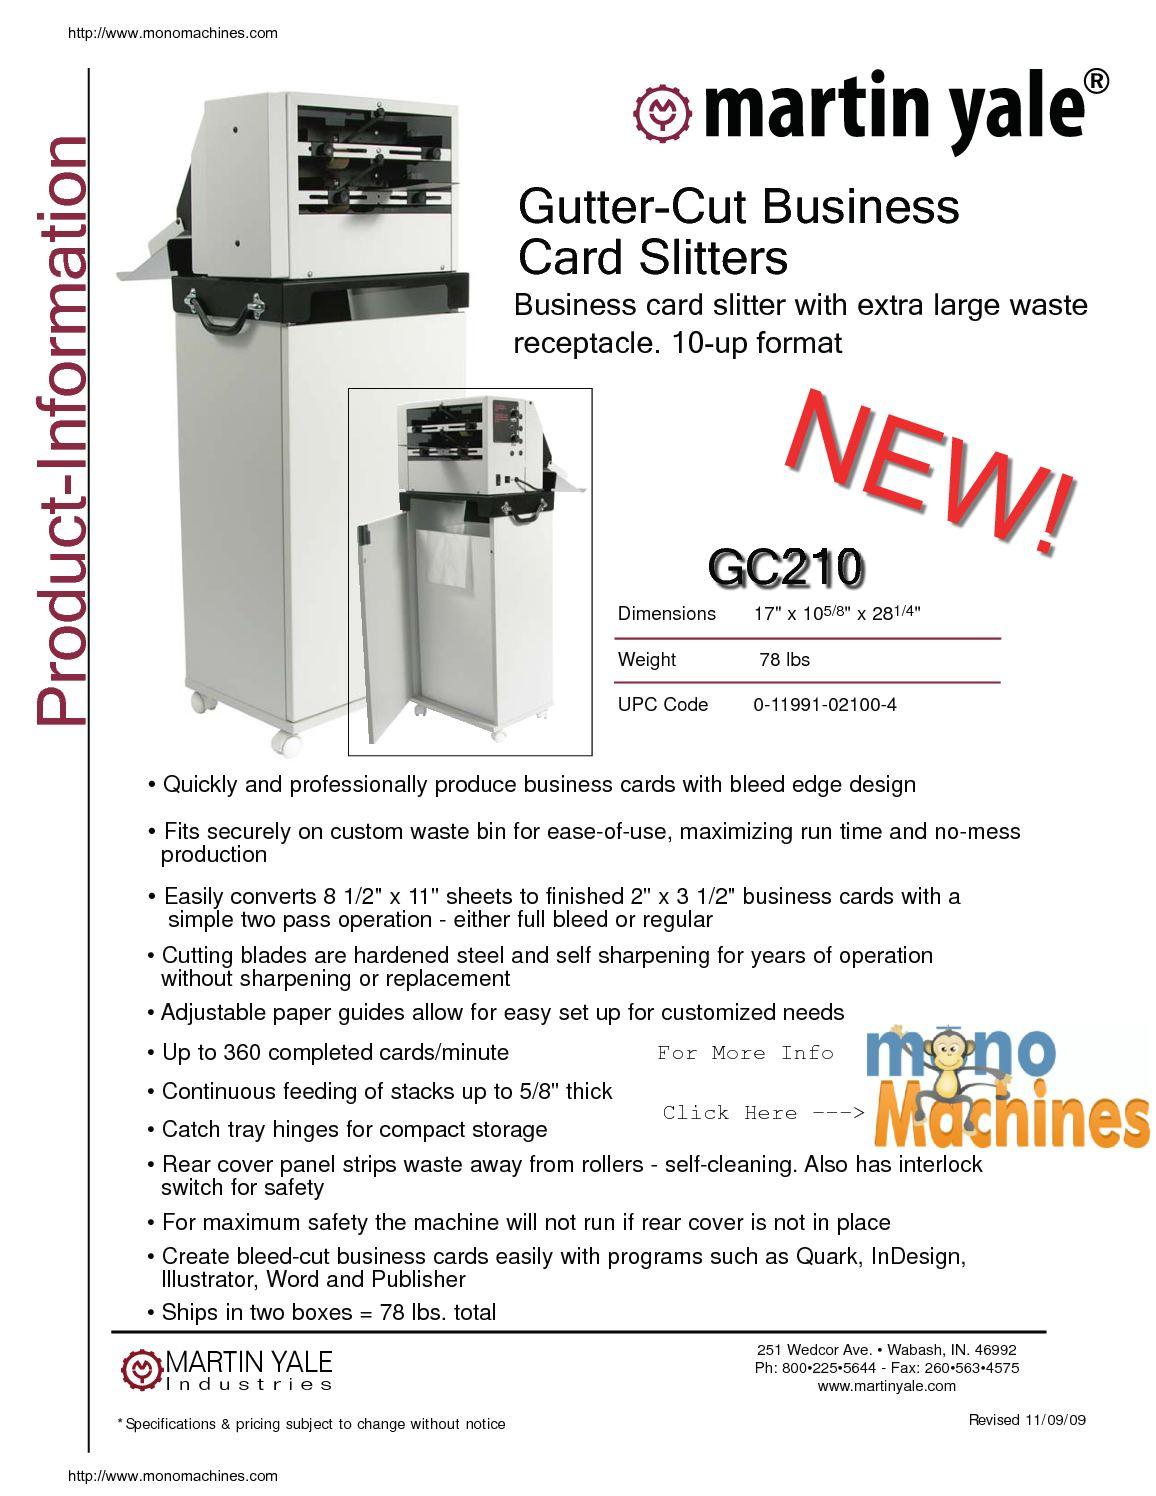 Calaméo - Martin Yale gc210 10 up Gutter Cut Slitter Specs